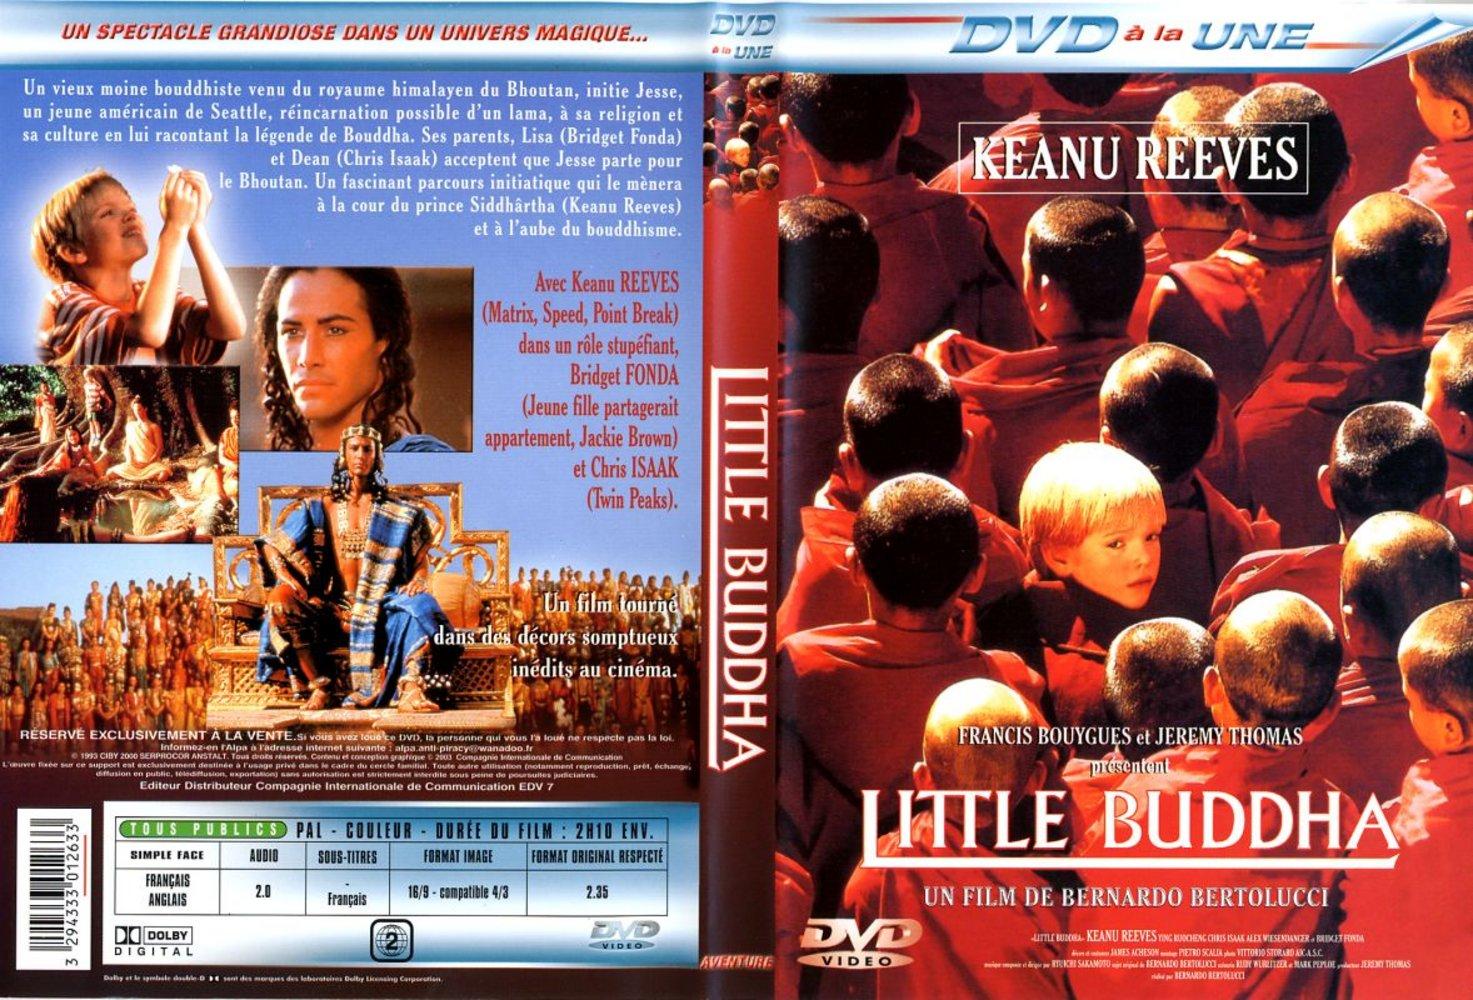 Jaquette DVD Little Buddha